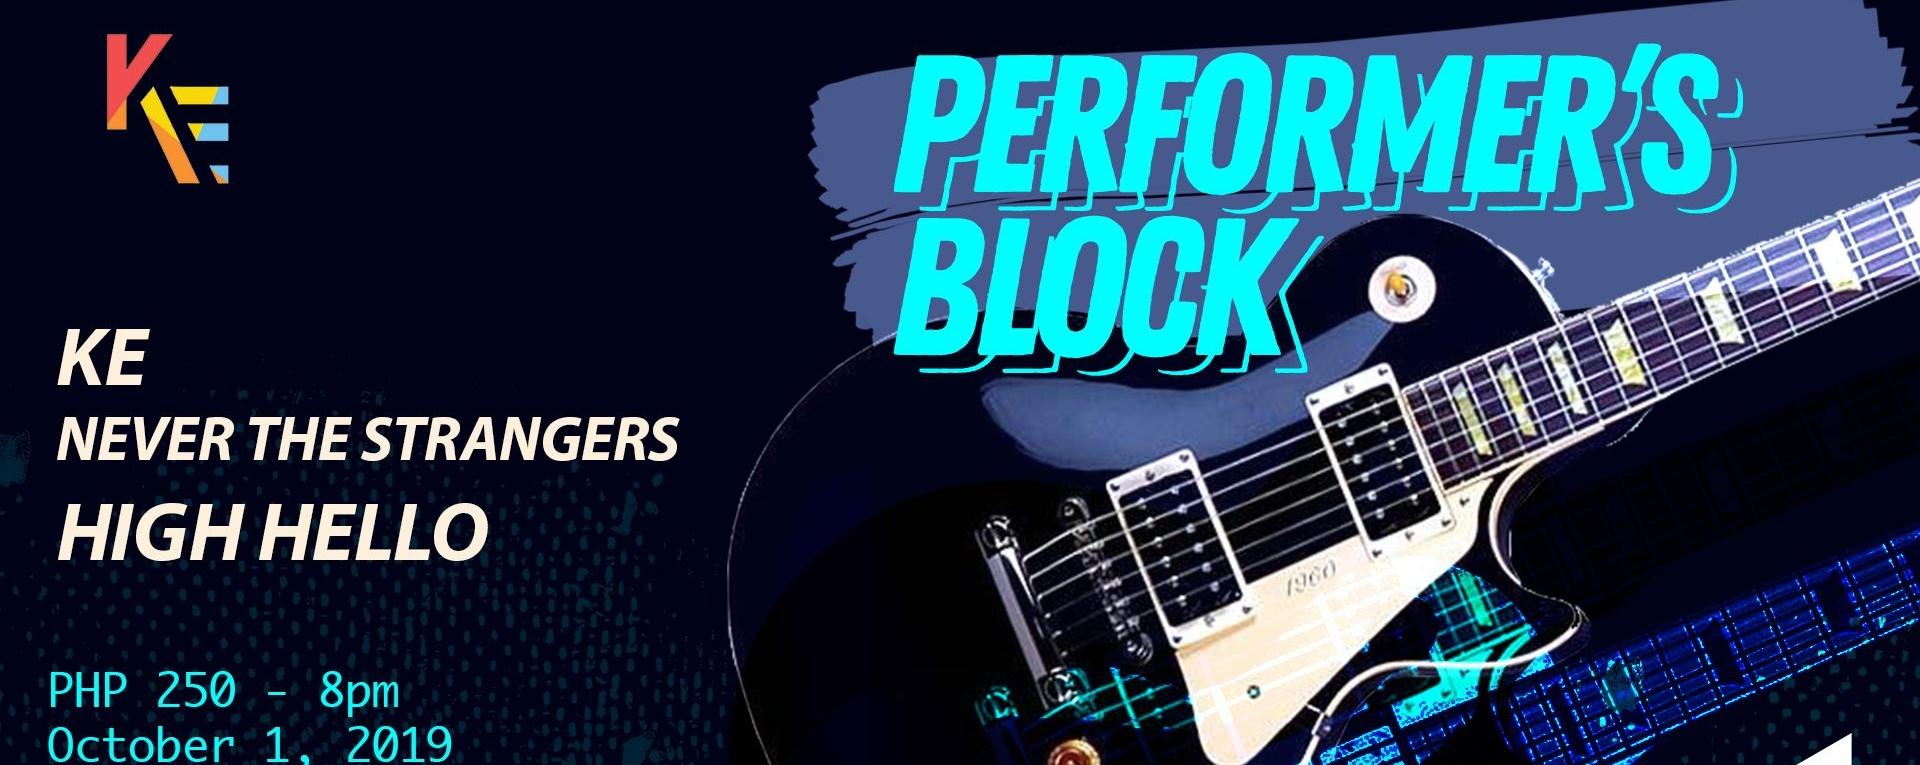 Performer's Block